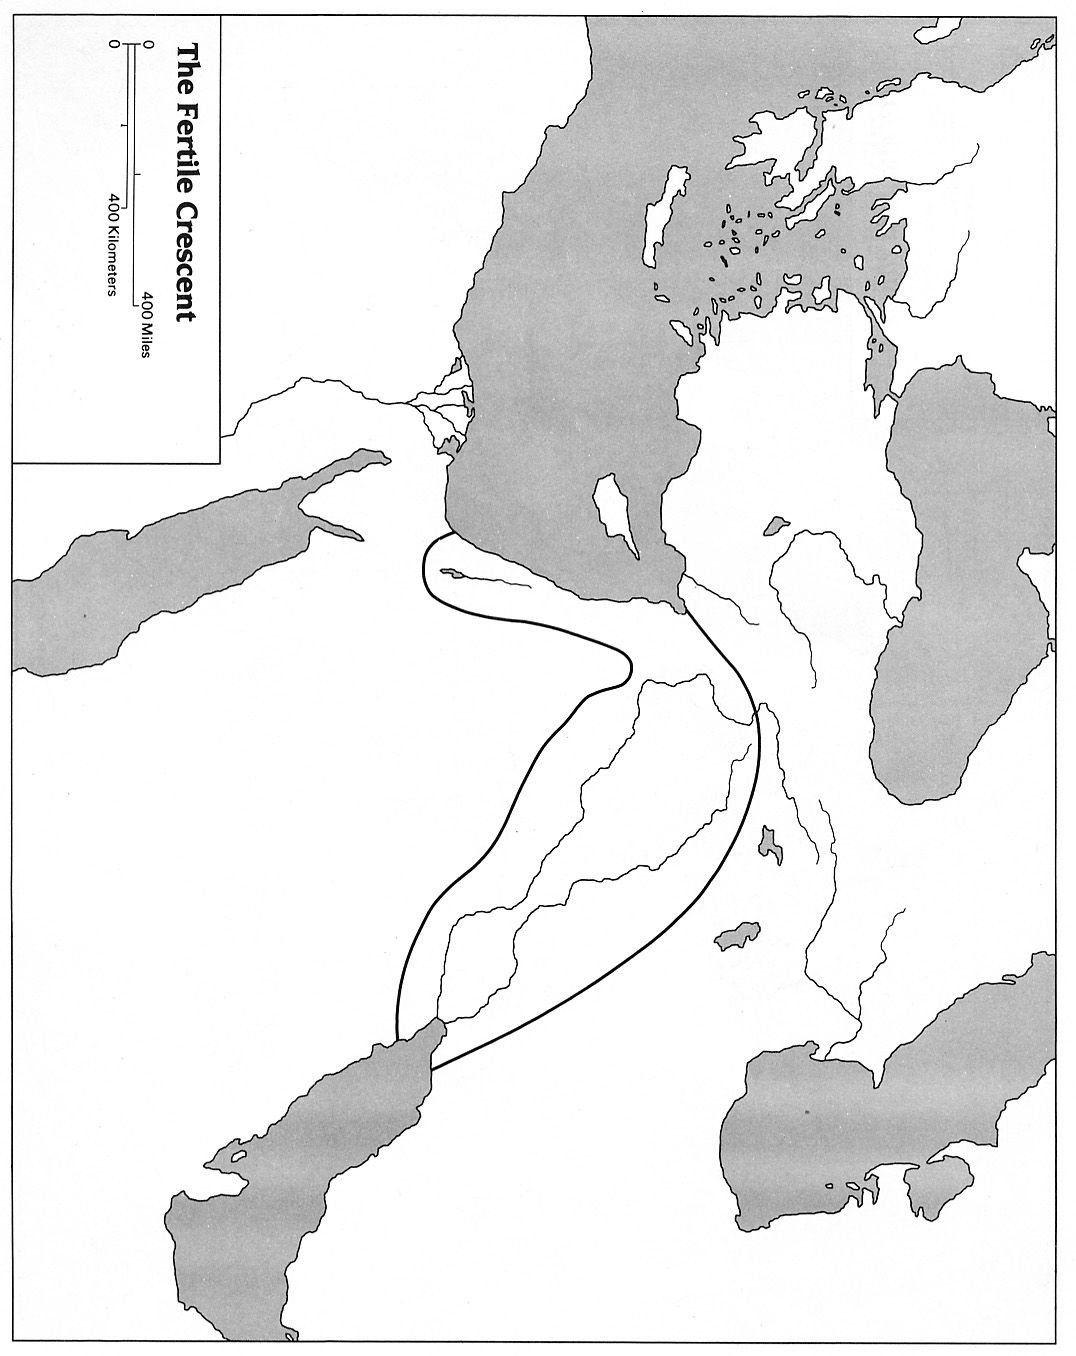 Ancient Mesopotamia Map Worksheet Fertile Crescent C1 W1 In 2020 Ancient Mesopotamia Map Mesopotamia Ancient Mesopotamia